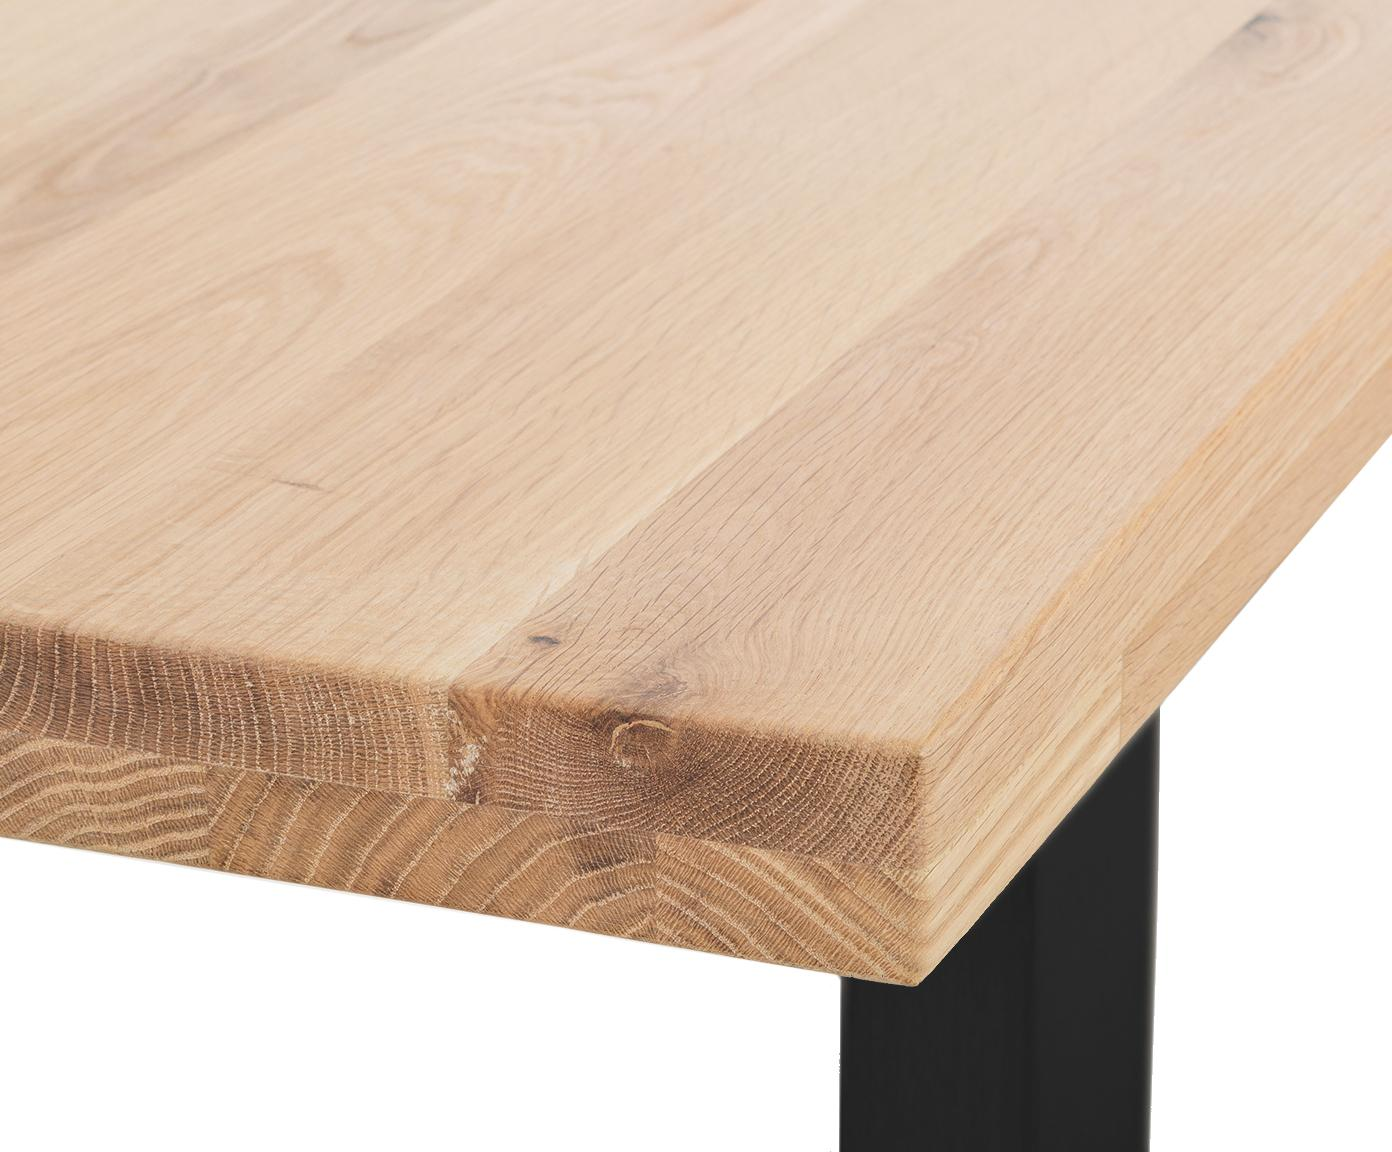 Bank Oliver, Zitvlak: geolied massief Europees , Poten: mat gelakt staal, Zitvlak: eikenhoutkleurig. Poten: mat zwart, 180 x 45 cm